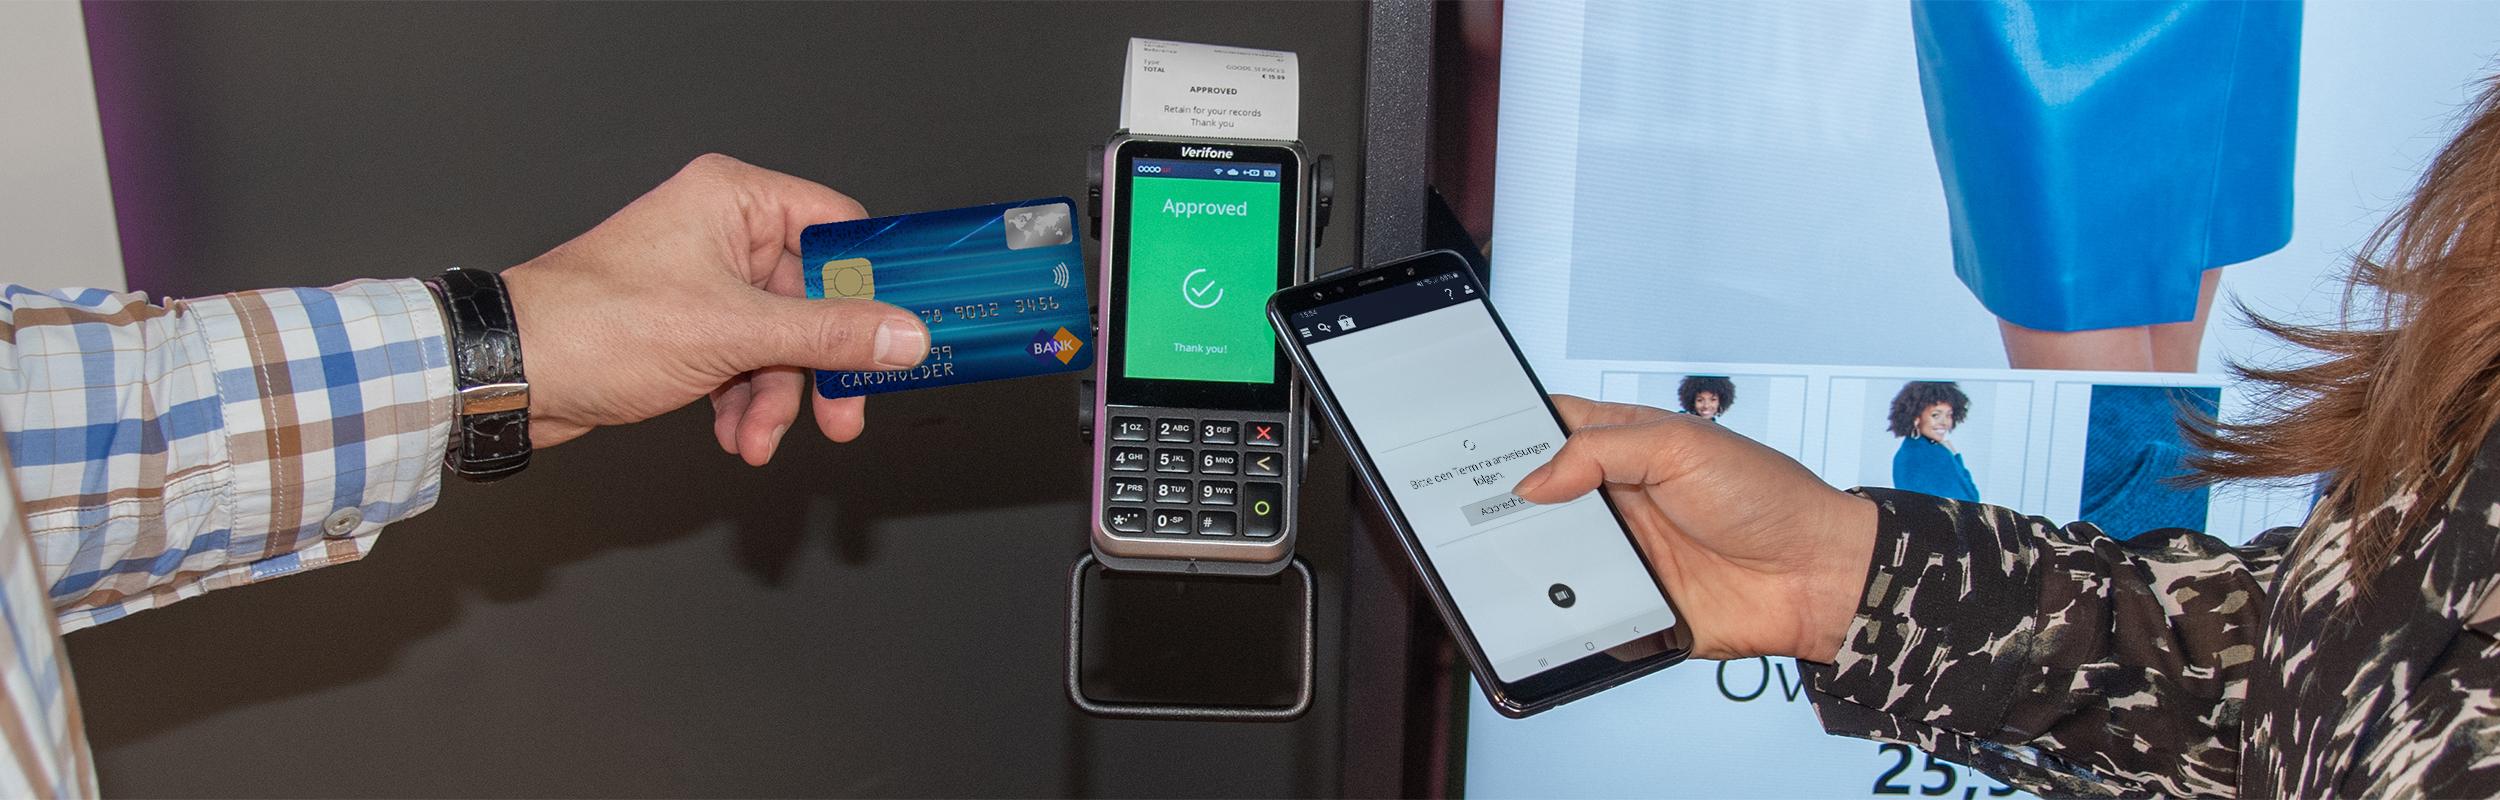 Warenkorbübergabe und Zahlungsabschluss am Self Service Terminal